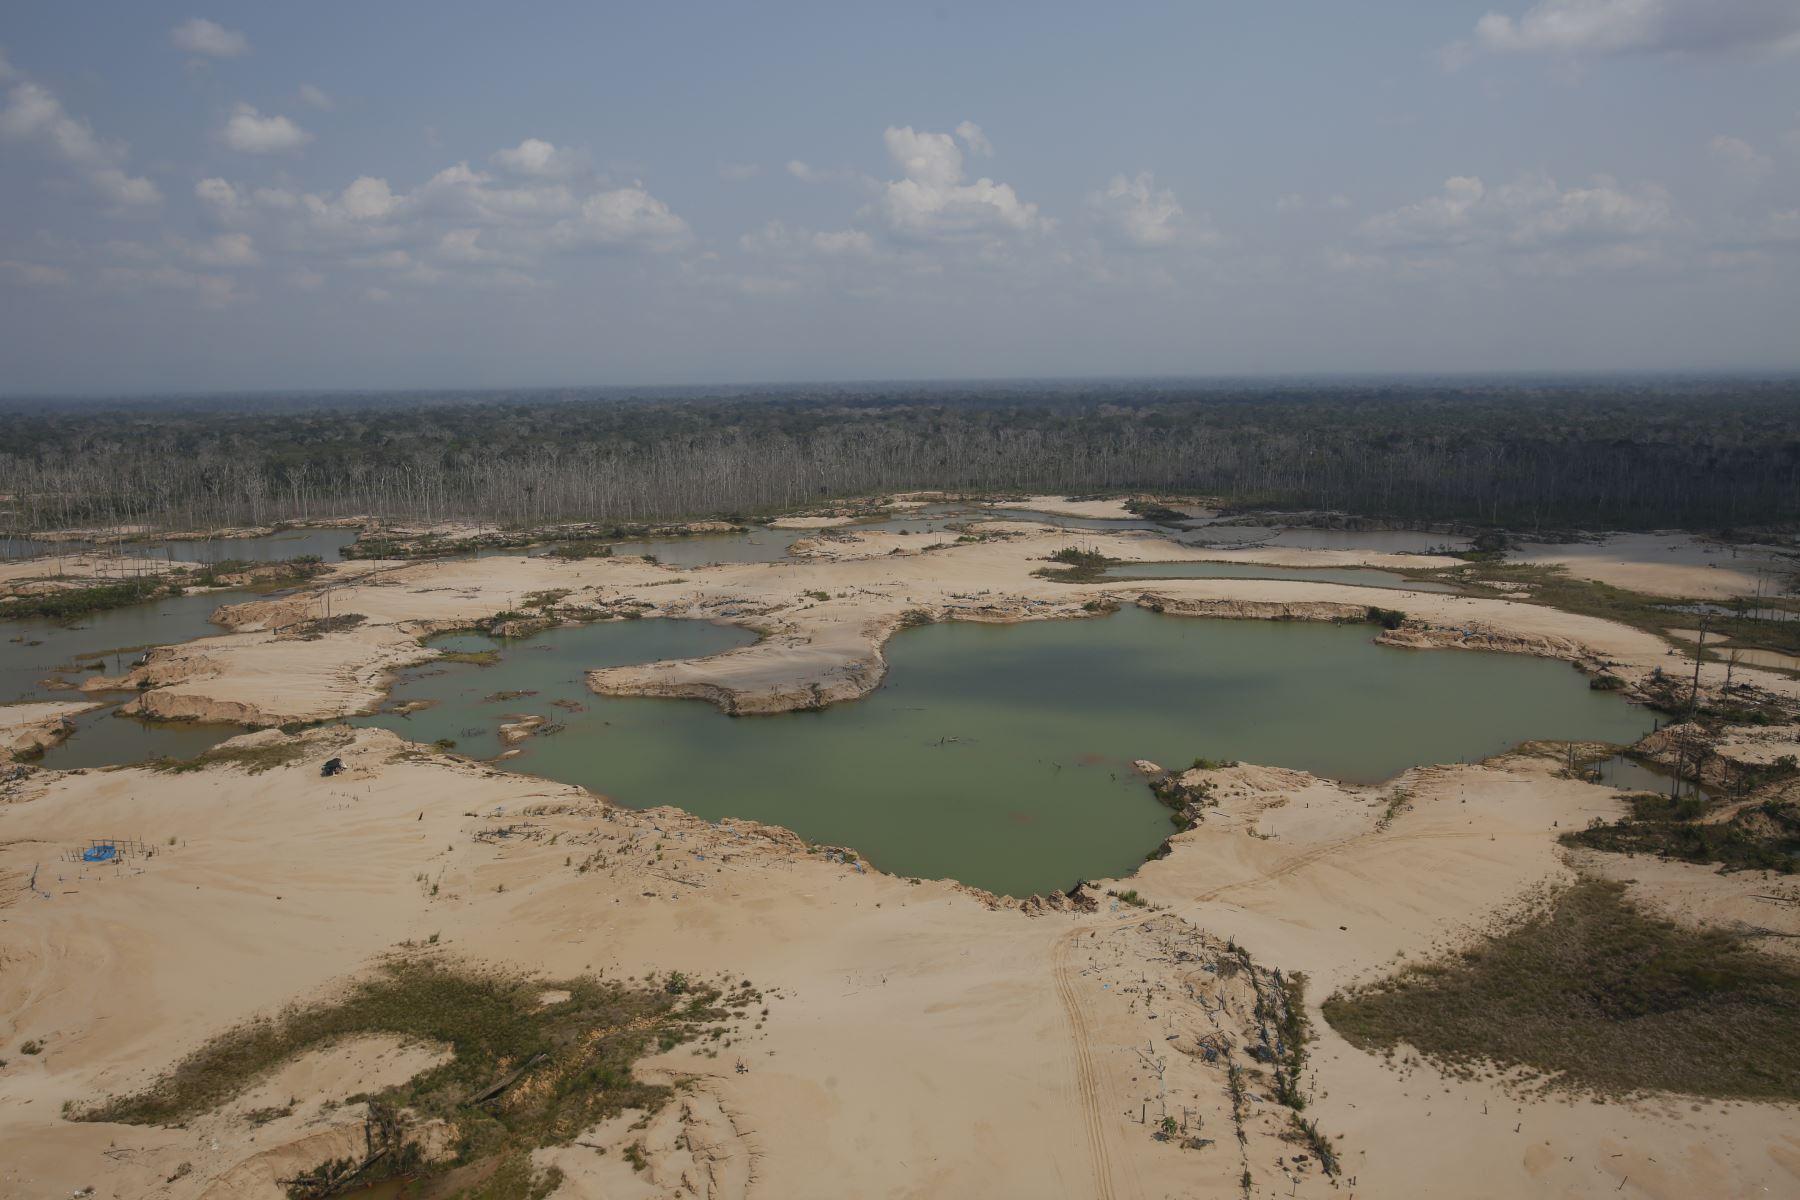 Ministro de Defensa, Jorge Moscoso, sobrevuela  La Pampa al cumplirse más de 6 meses del Plan Integral contra la minería ilegal. Foto: ANDINA/Renato Pajuelo